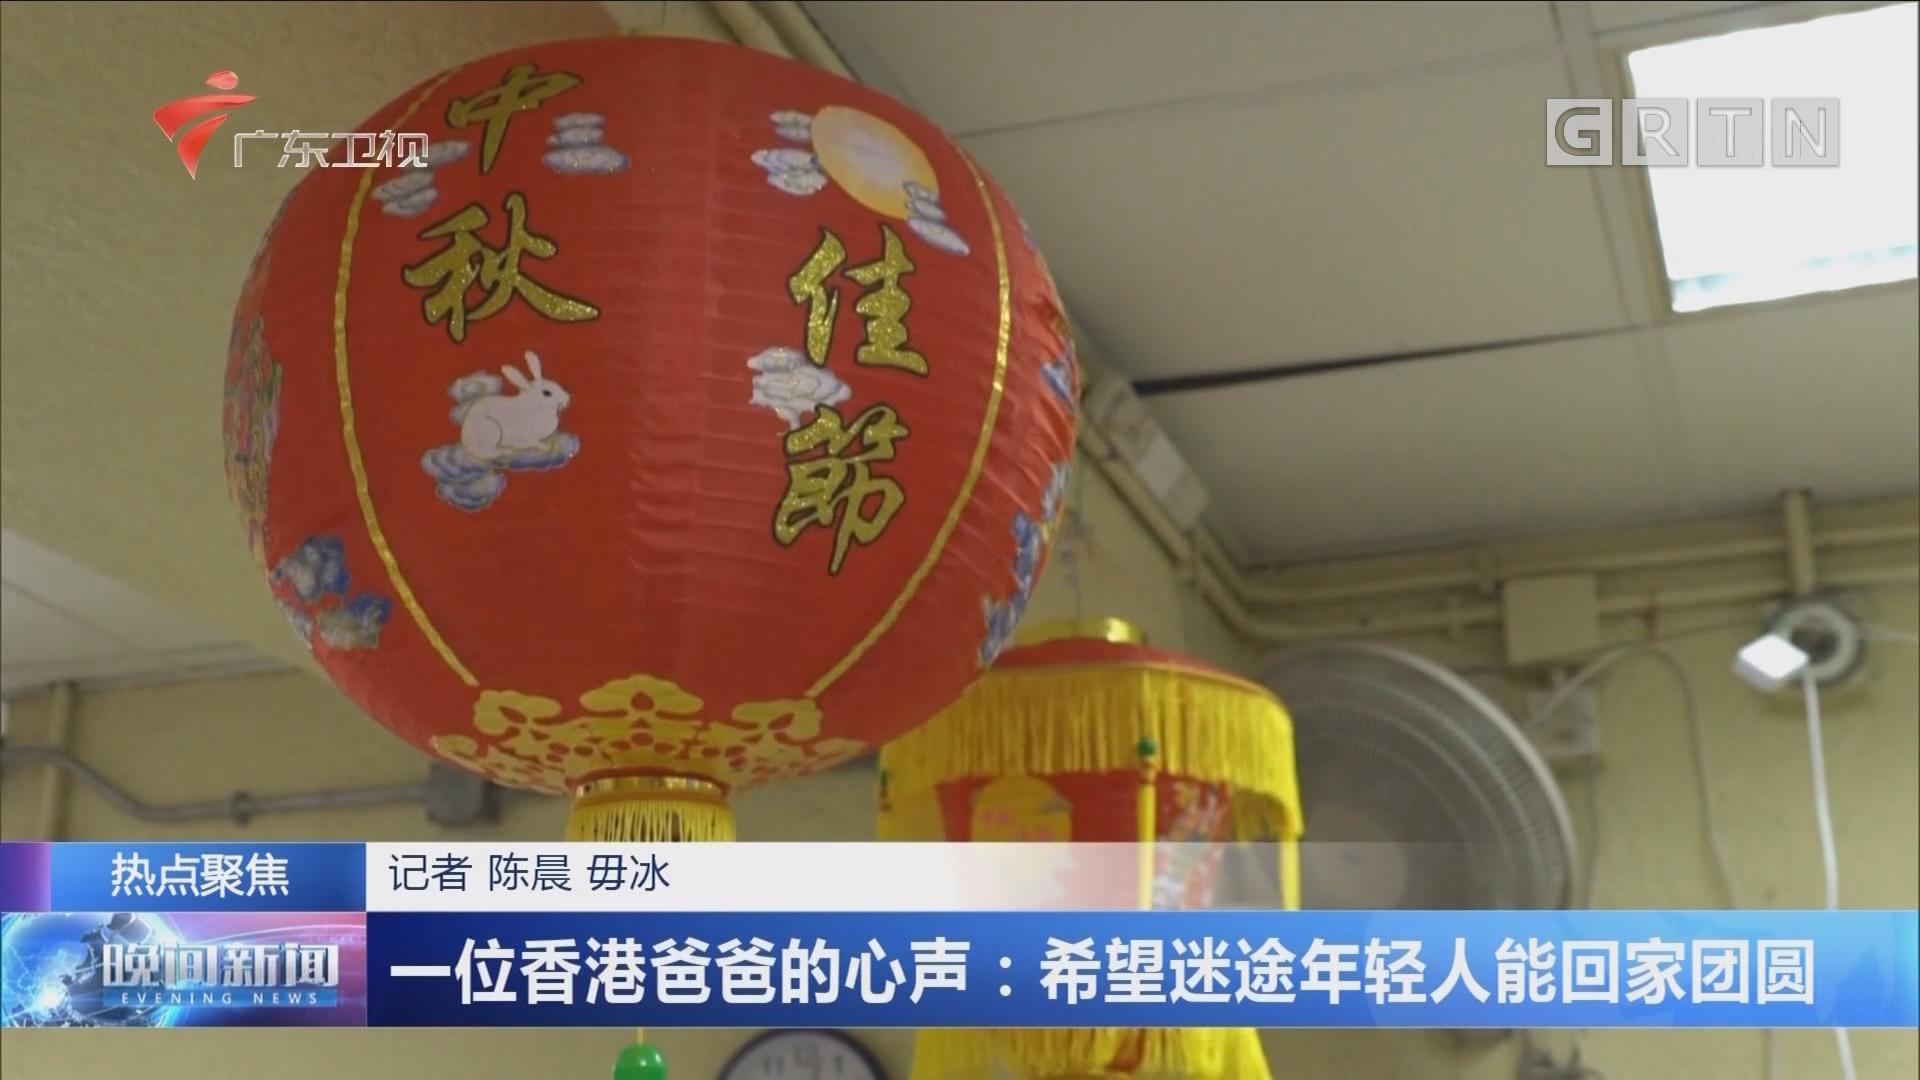 一位香港爸爸的心声:希望迷途年轻人能回家团圆